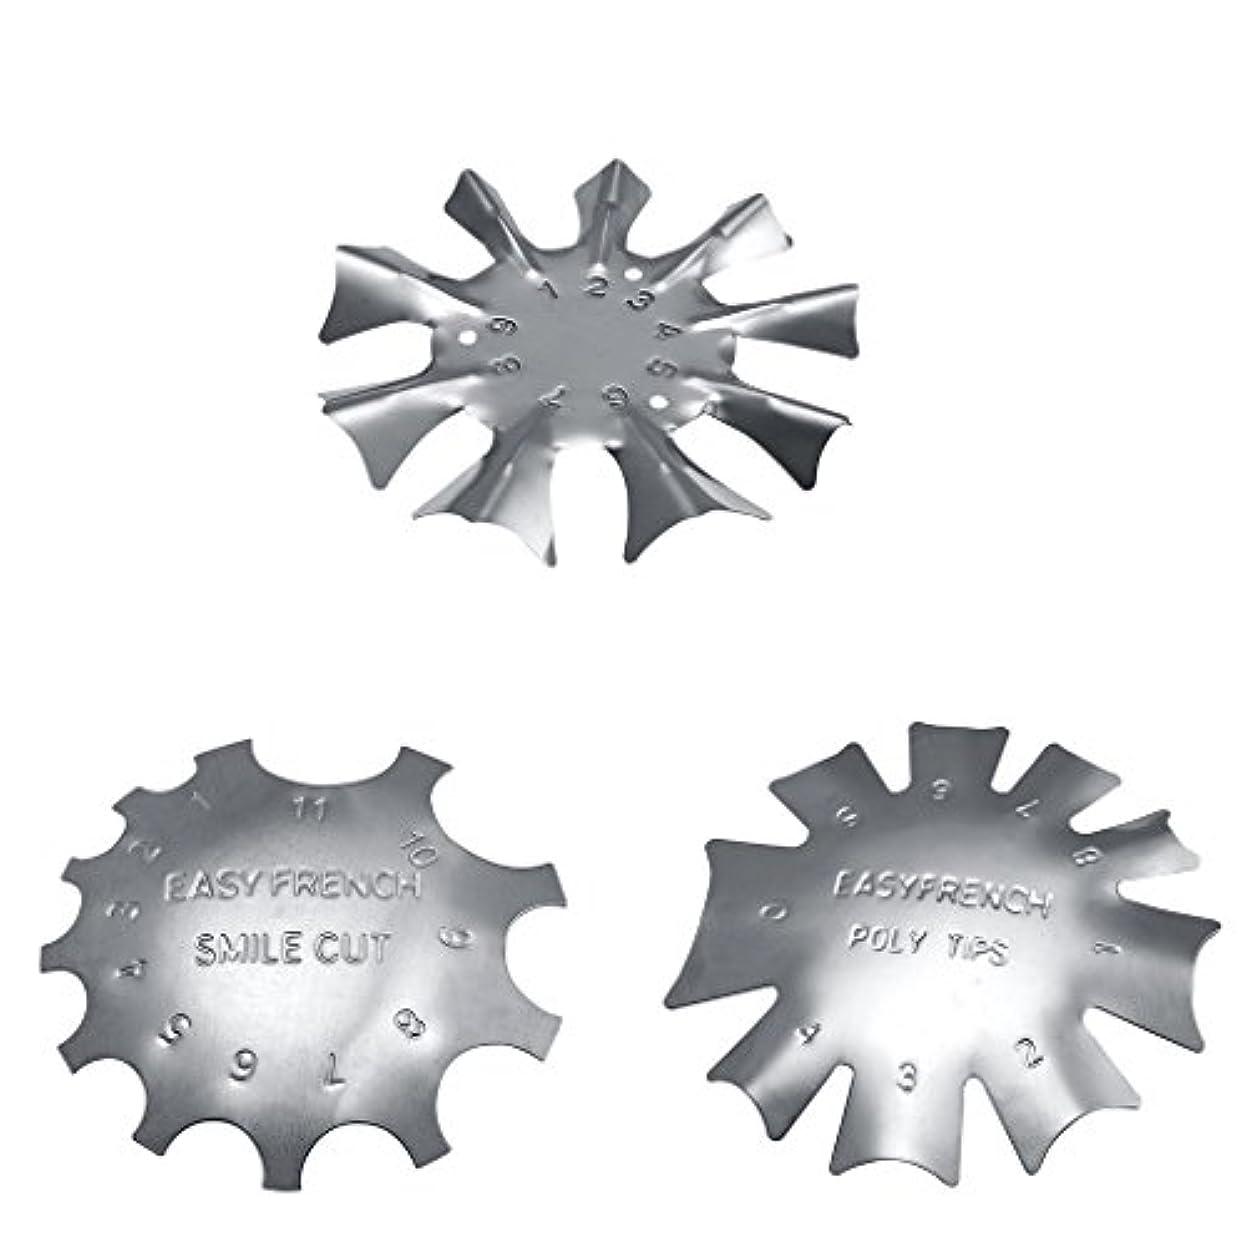 交換インペリアル剛性Toygogo 3スタイル簡単フレンチスマイルカットラインエッジトリマーマニキュアネイルアートステンシルテンプレートツール耐久性のあるステンレス鋼